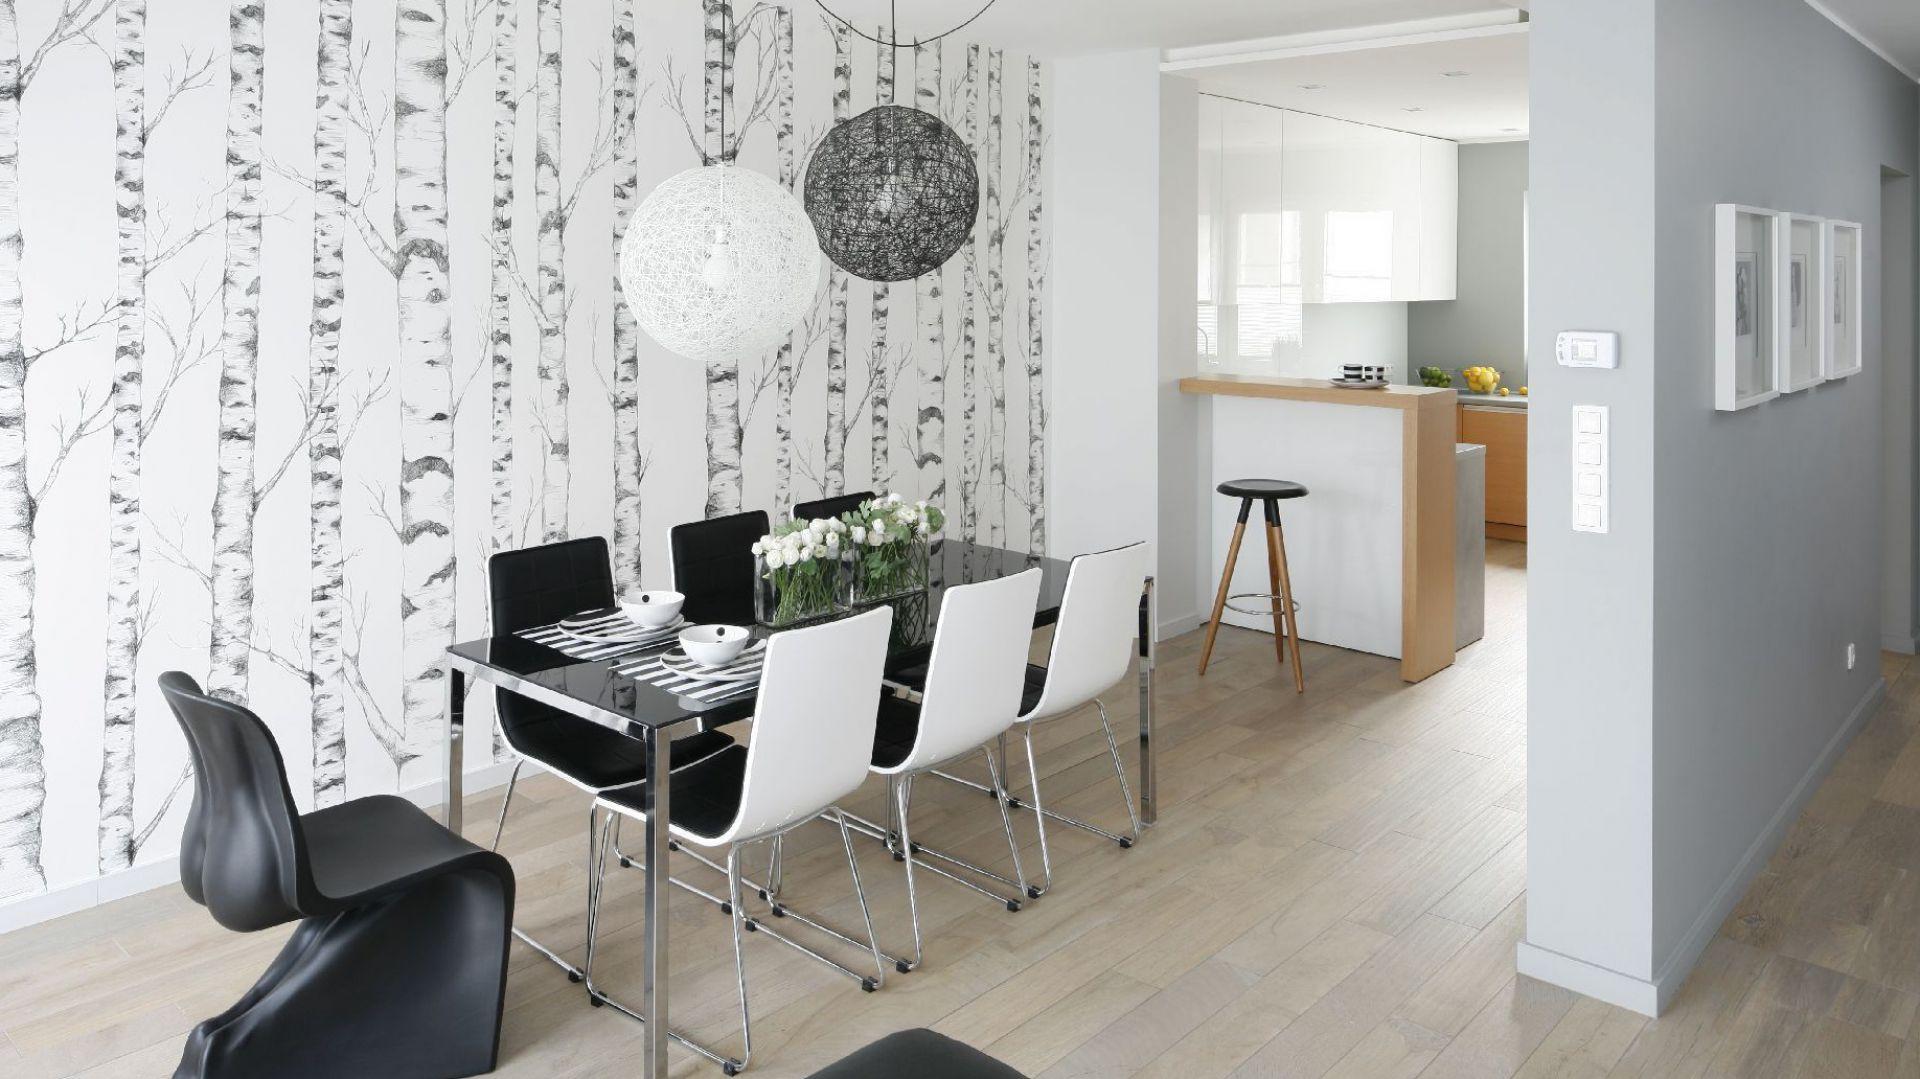 Nietypowe krzesło ustawione przy jadalnianym stole będzie zwracać na siebie uwagę. Projekt: Beata Kruszyńska. Fot. Bartosz Jarosz